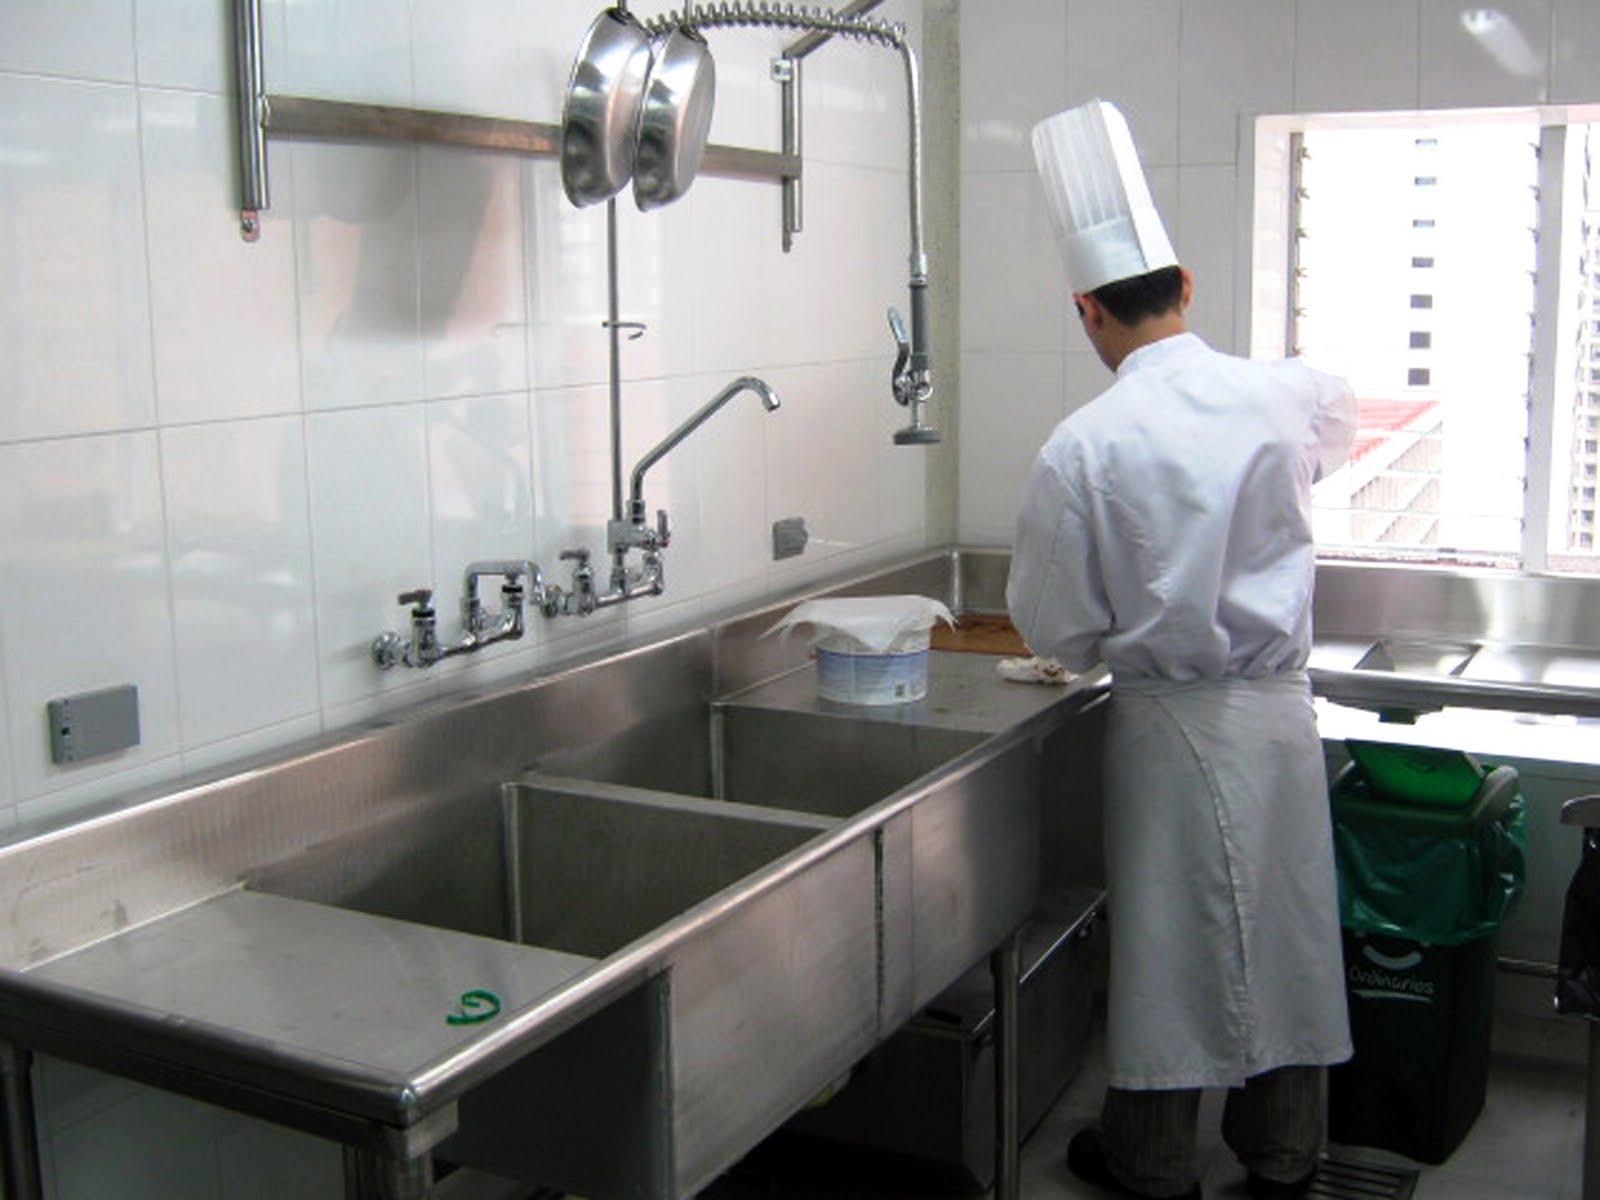 HELADERIA Normas de higiene personal utensilios y